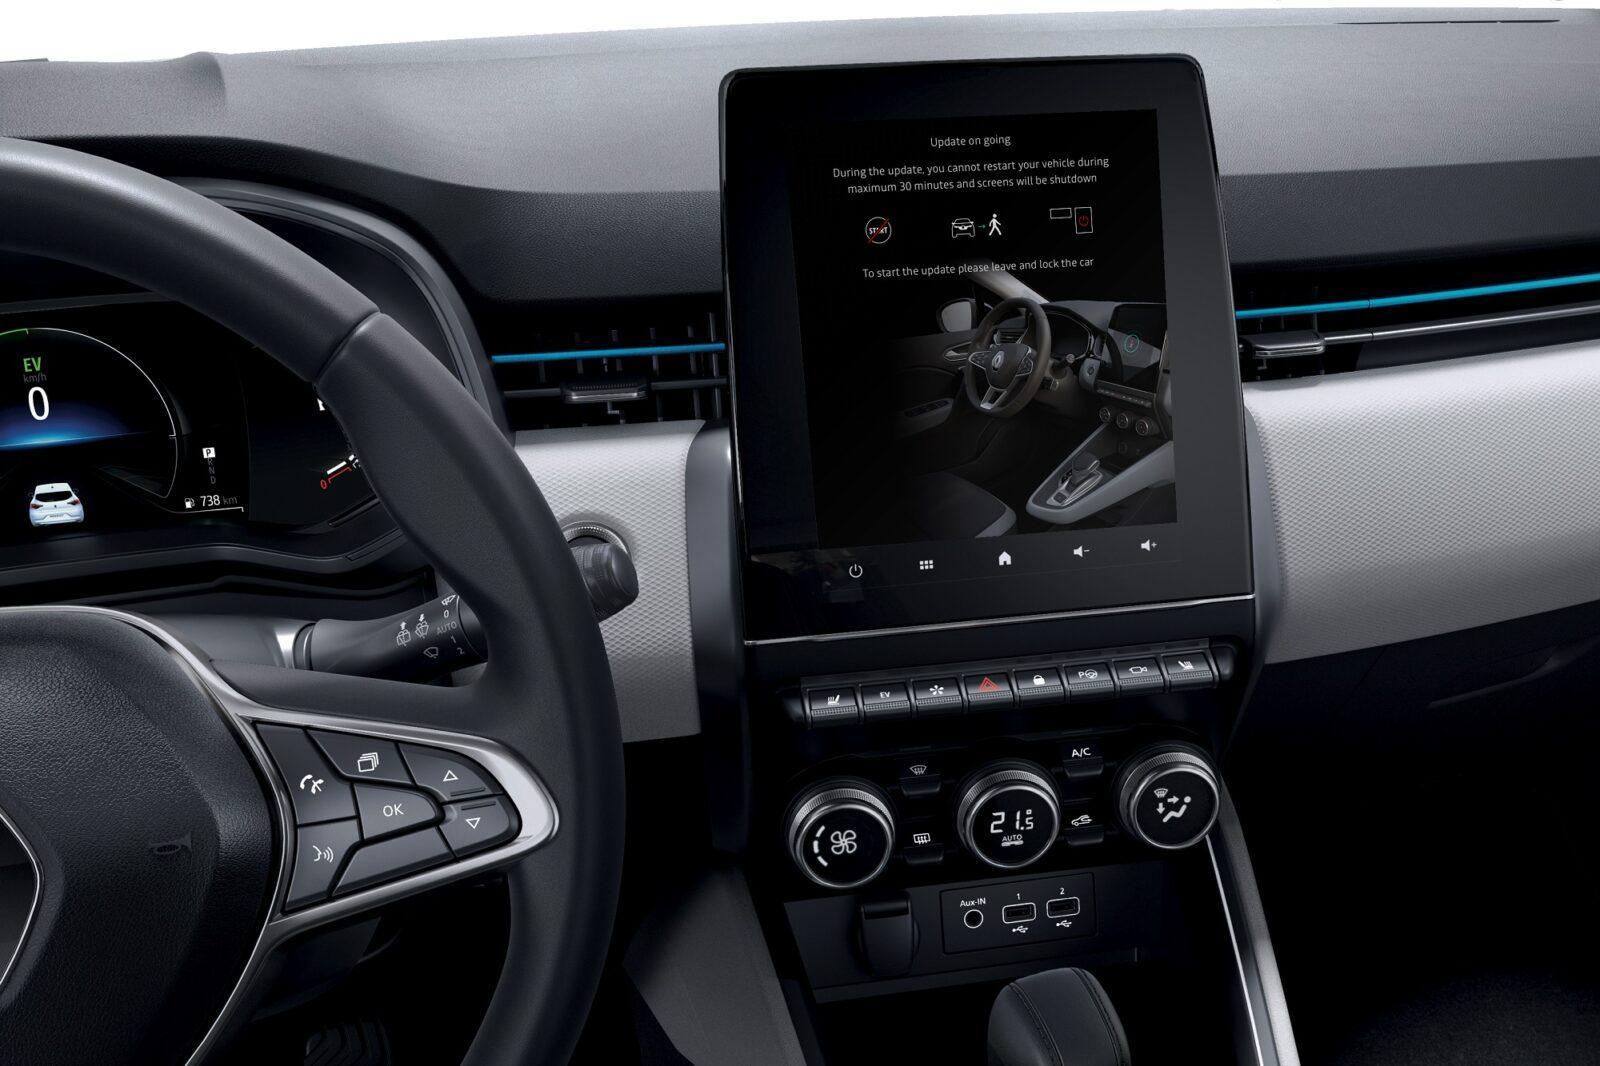 Всё о FOTA — обновления «по воздуху» для автомобилей Renault (systeme multimedia easy link)